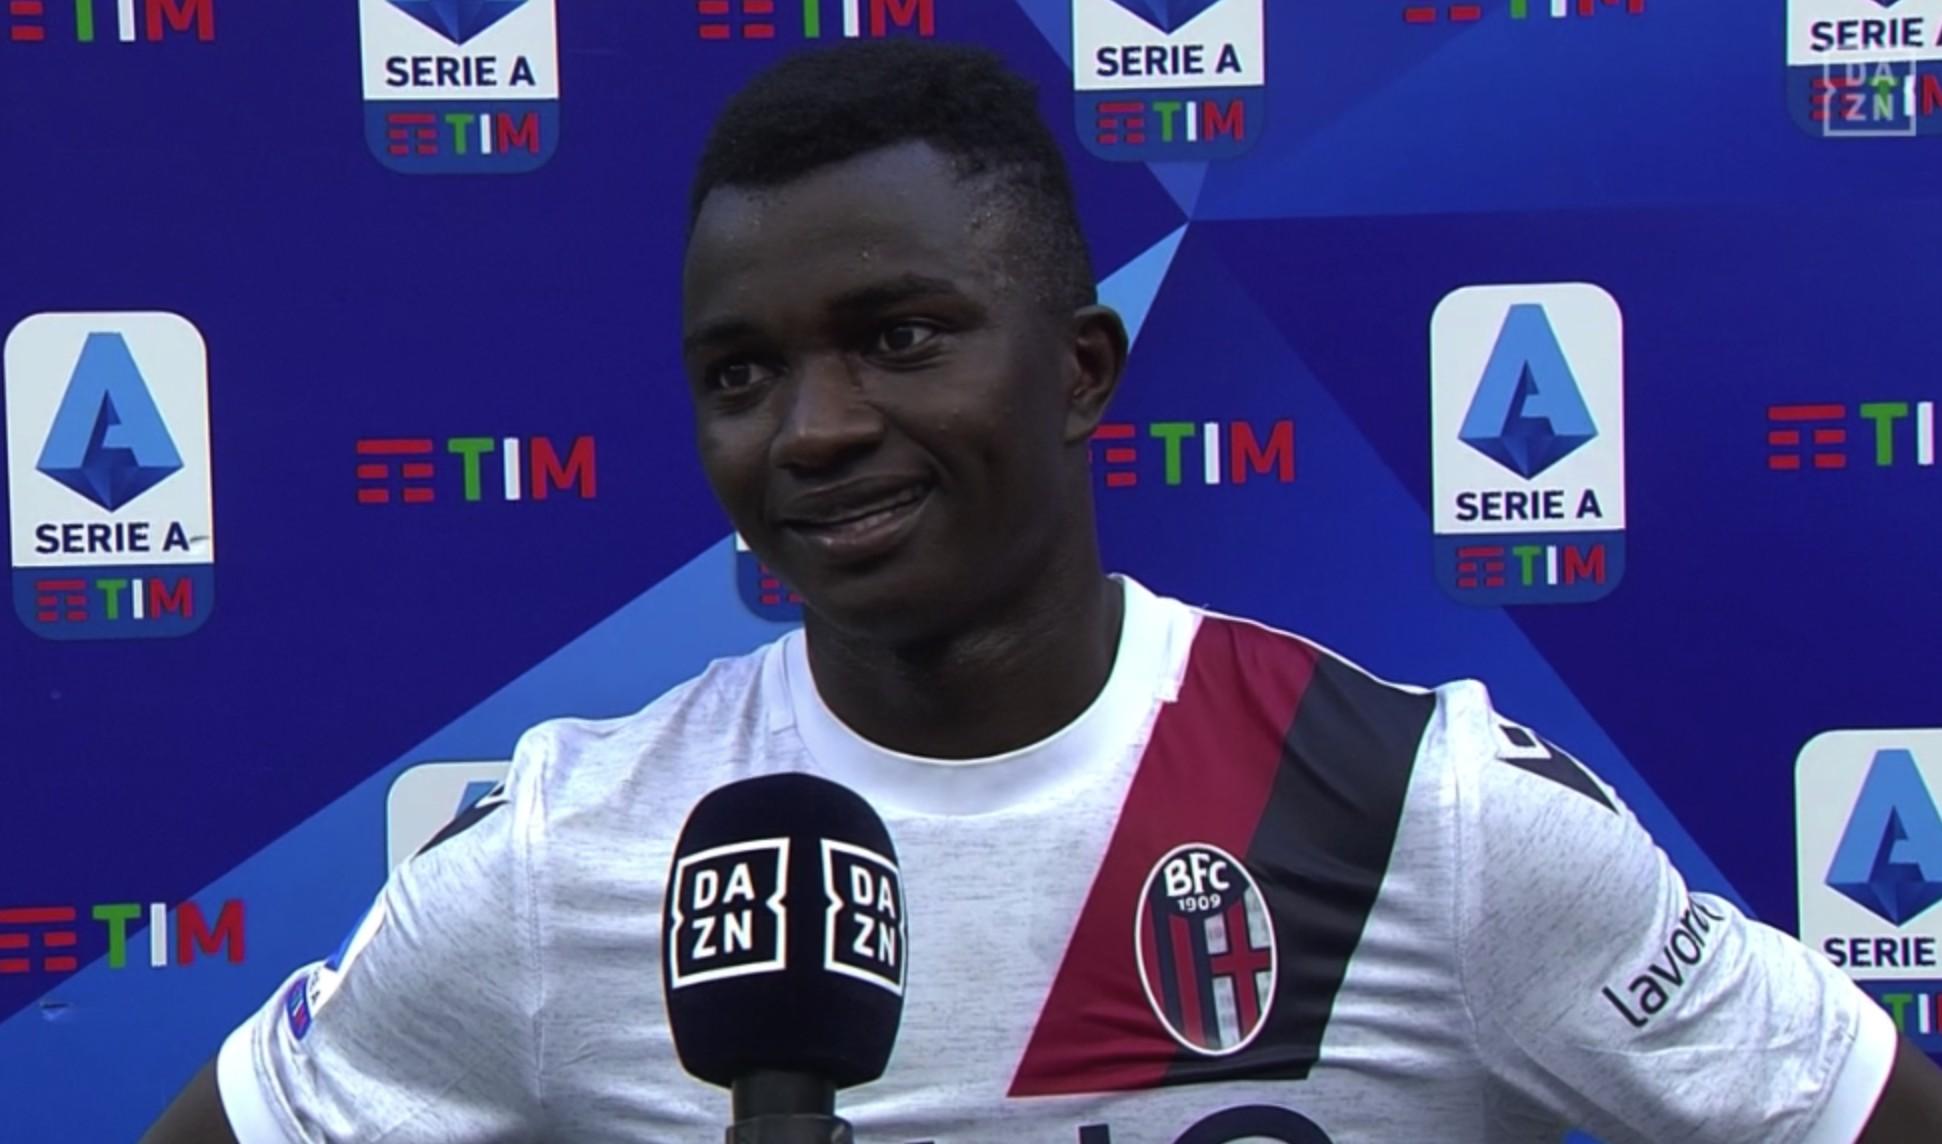 年仅18岁的朱瓦拉打进了自己在意甲联赛的处子球,赛后这位冈比亚新星谈到了自己